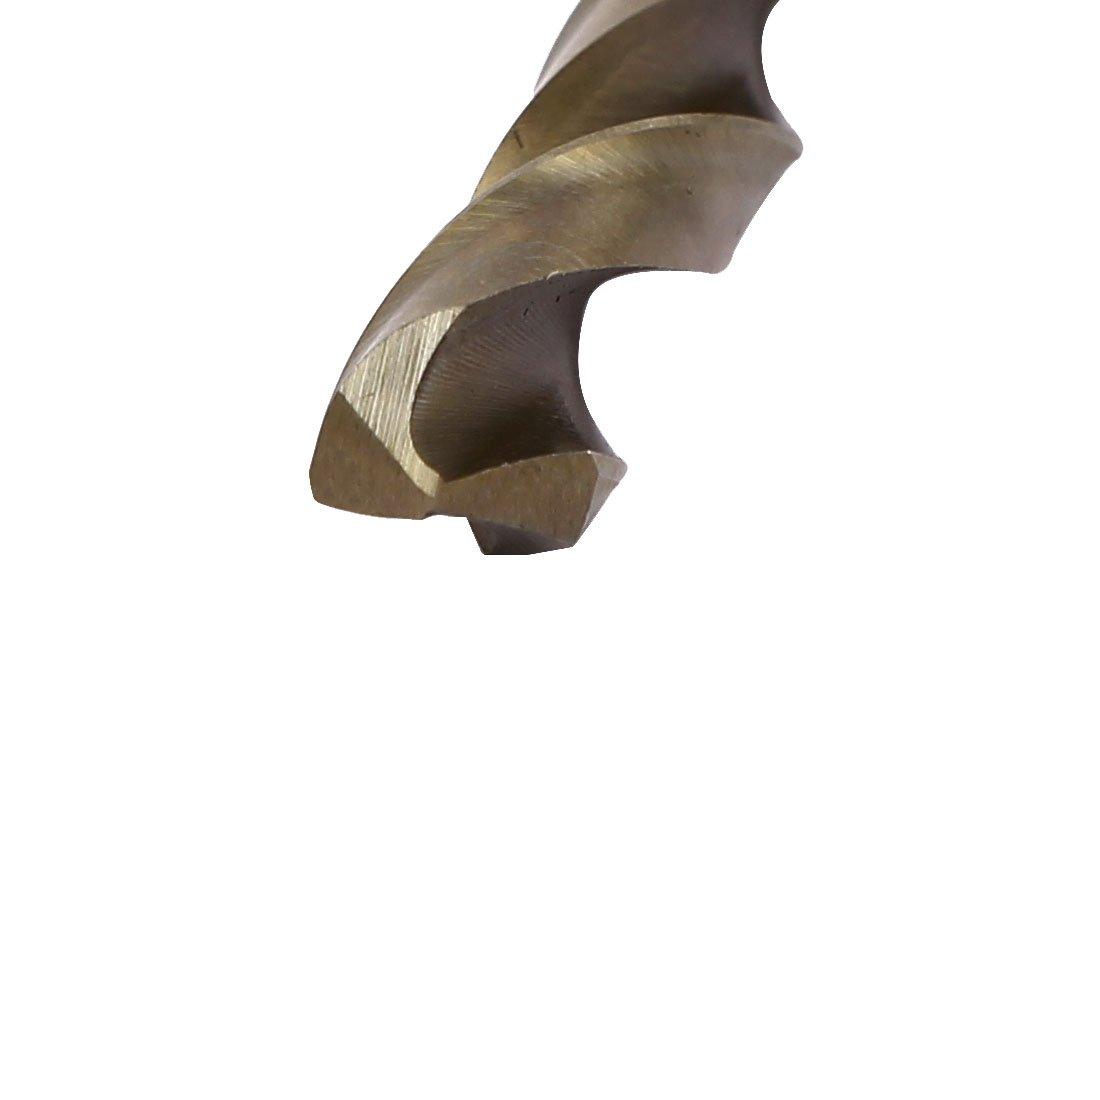 uxcell 6.4mm Drilling Dia Straight Shank HSS Cobalt Metric Twist Drill Bit Rotary Tool